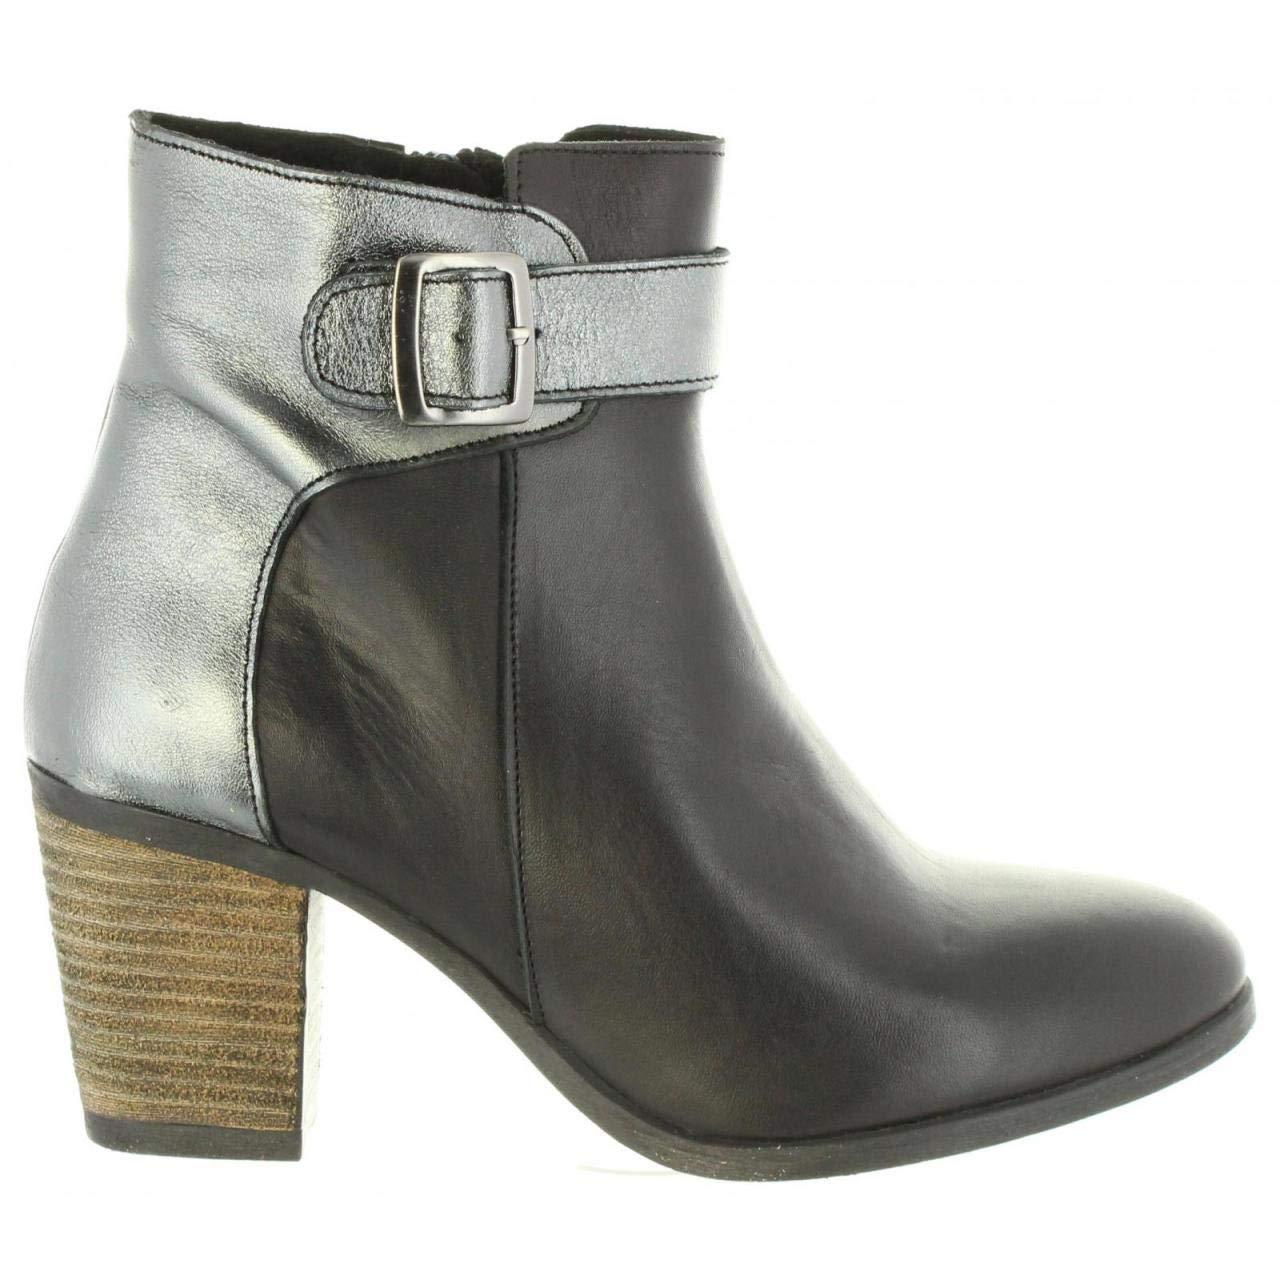 CUMBIA Stiefel für Damen 31058 schwarz